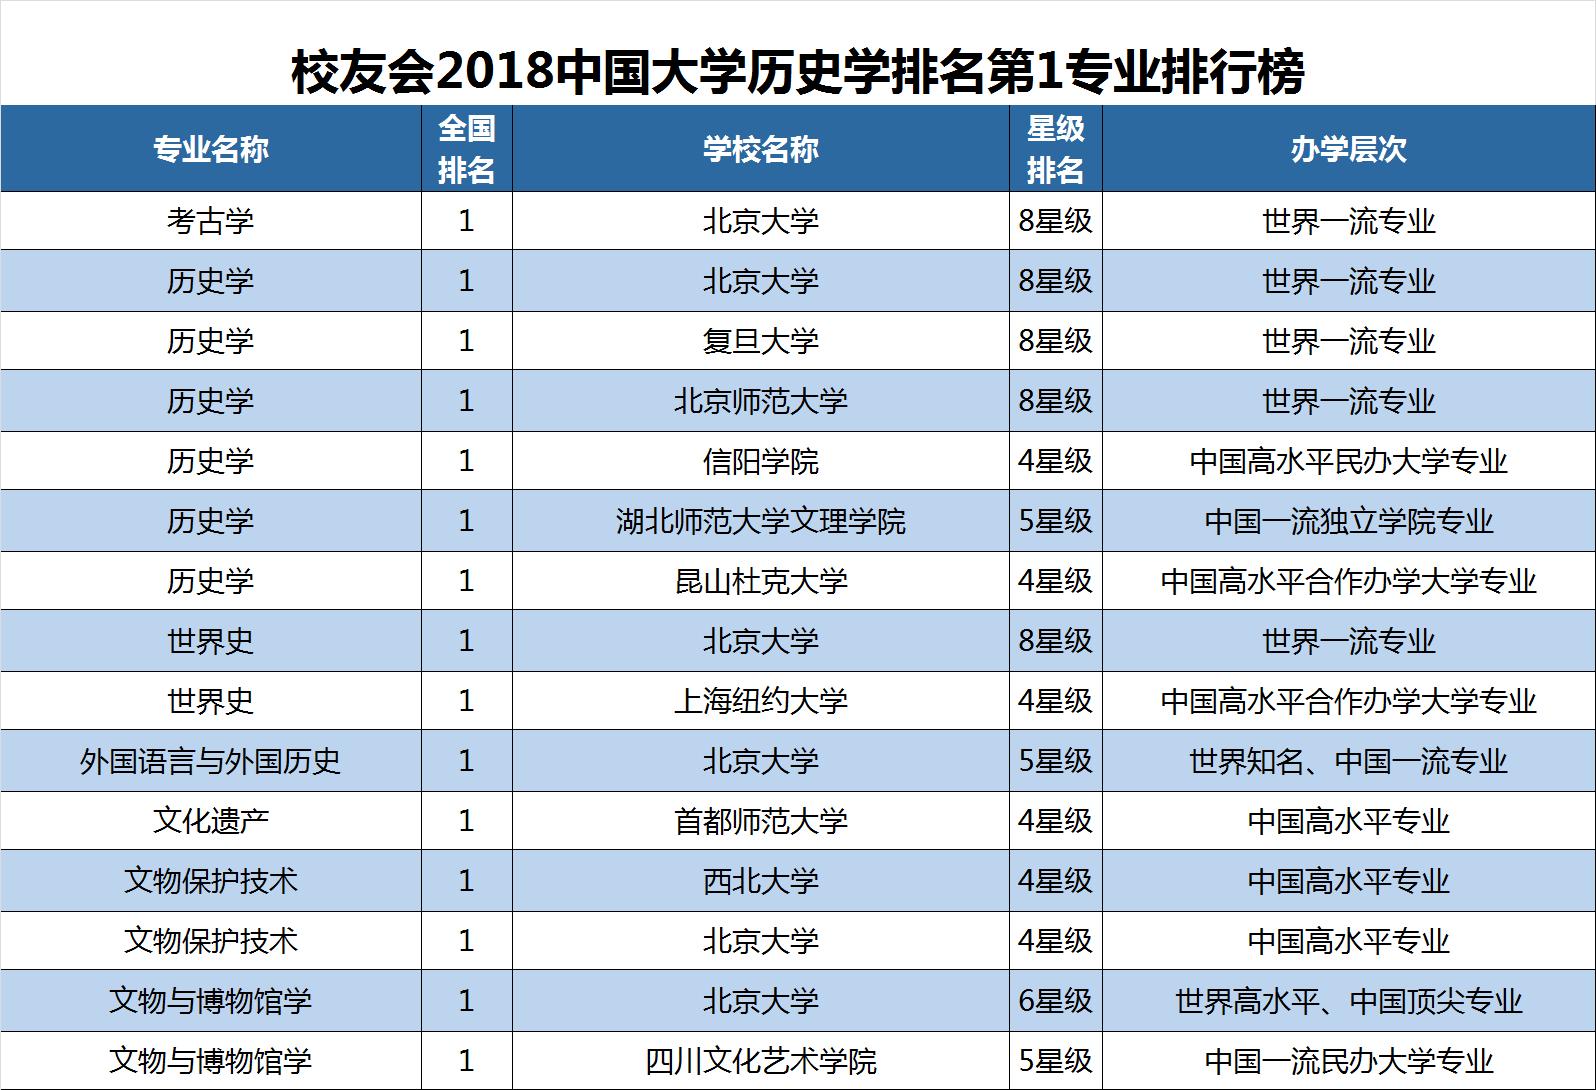 必赢亚洲366.net 9